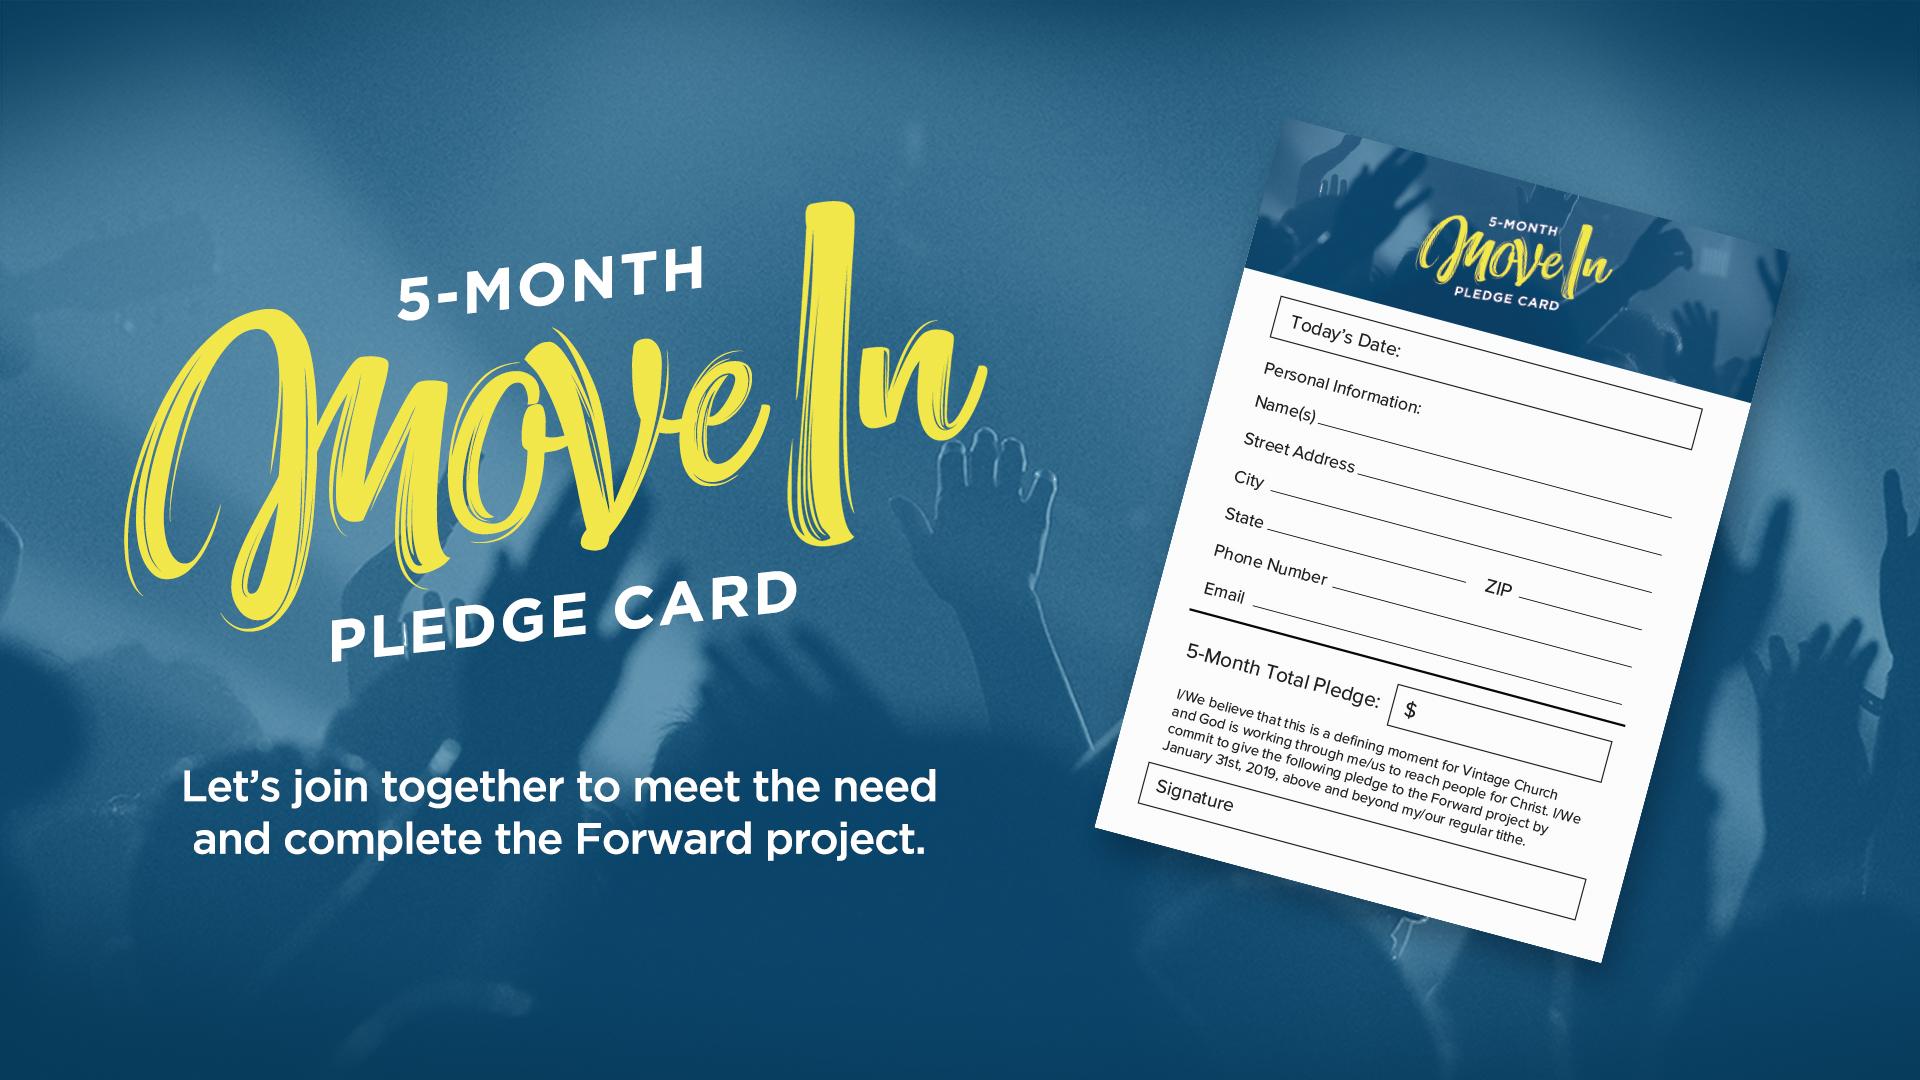 Pledge Card Slide.jpg